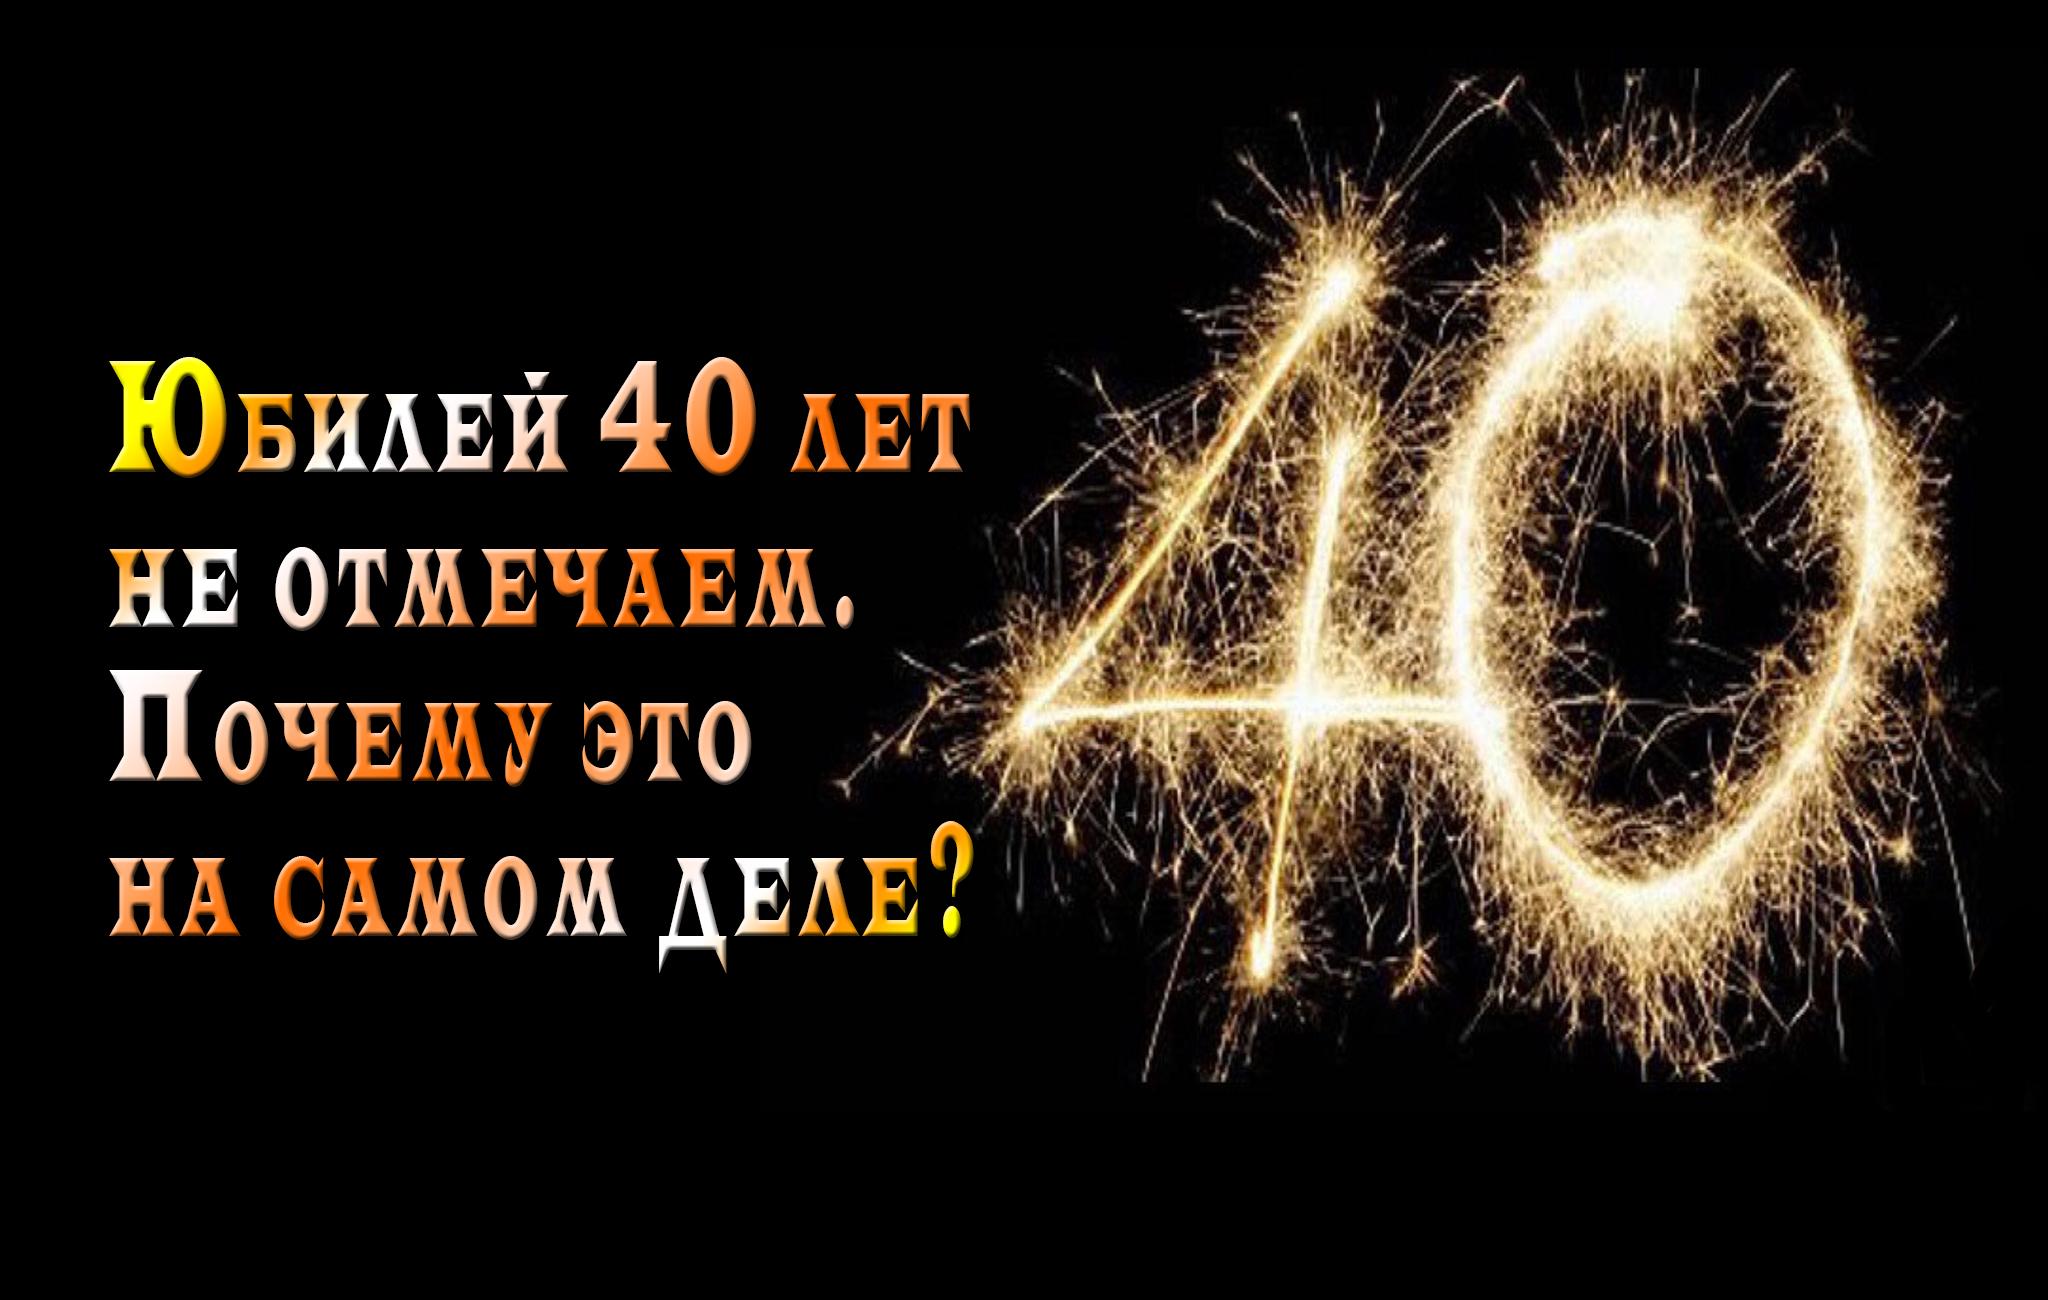 40 летие день рождения отмечают